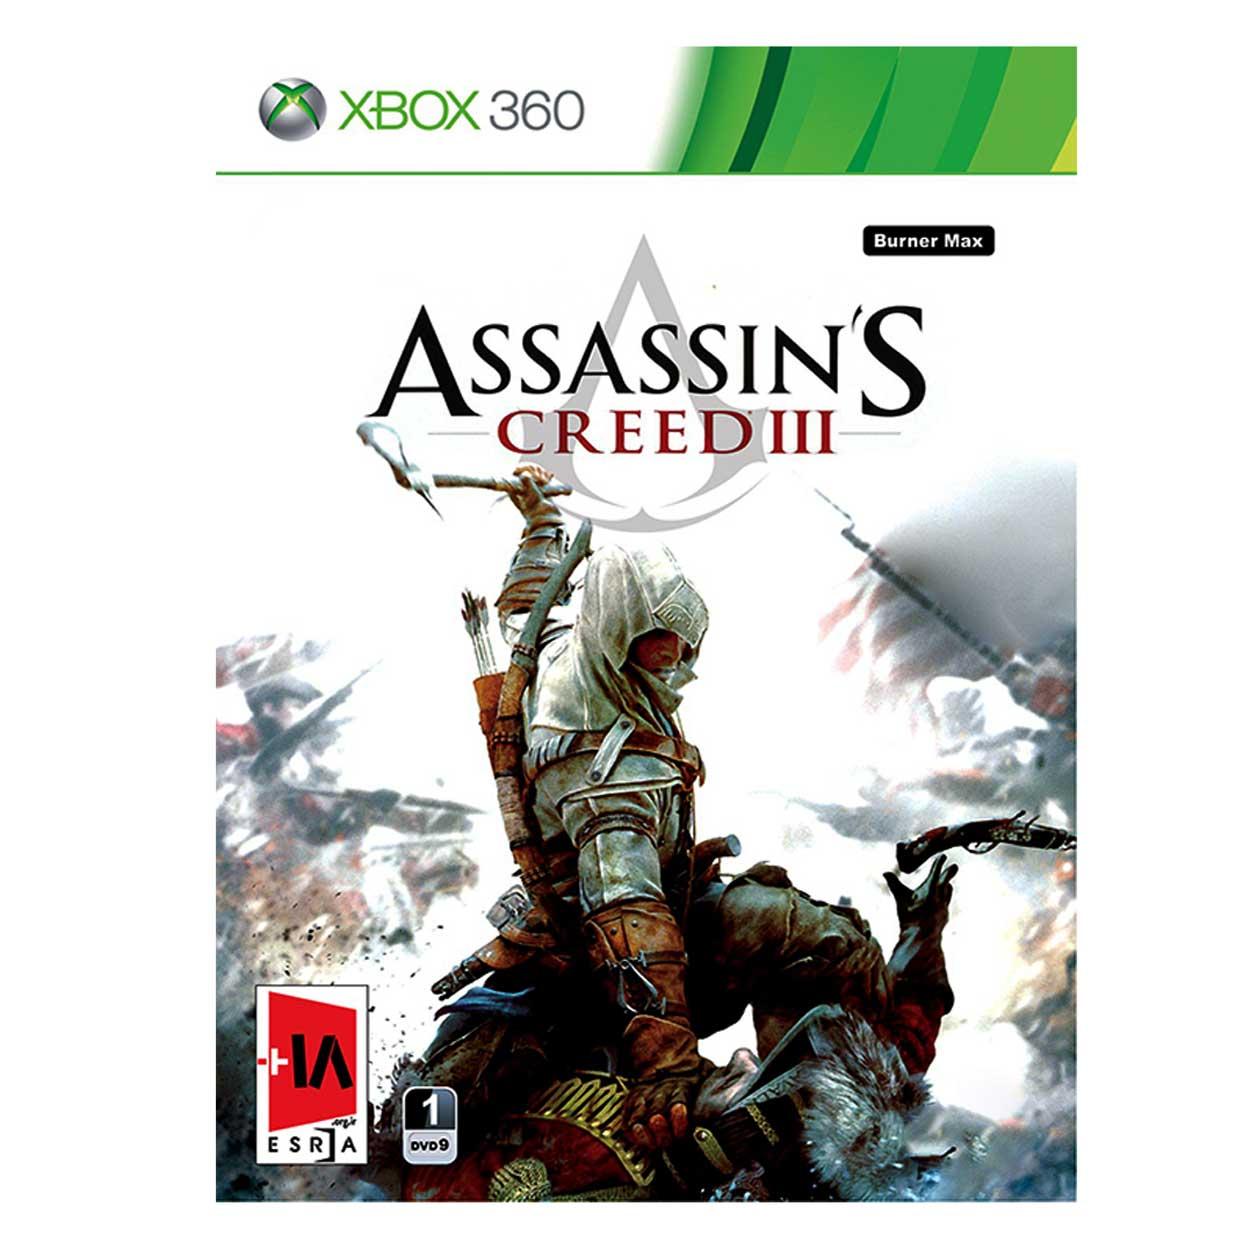 بازی Assassin's Creed III مخصوص xbox 360